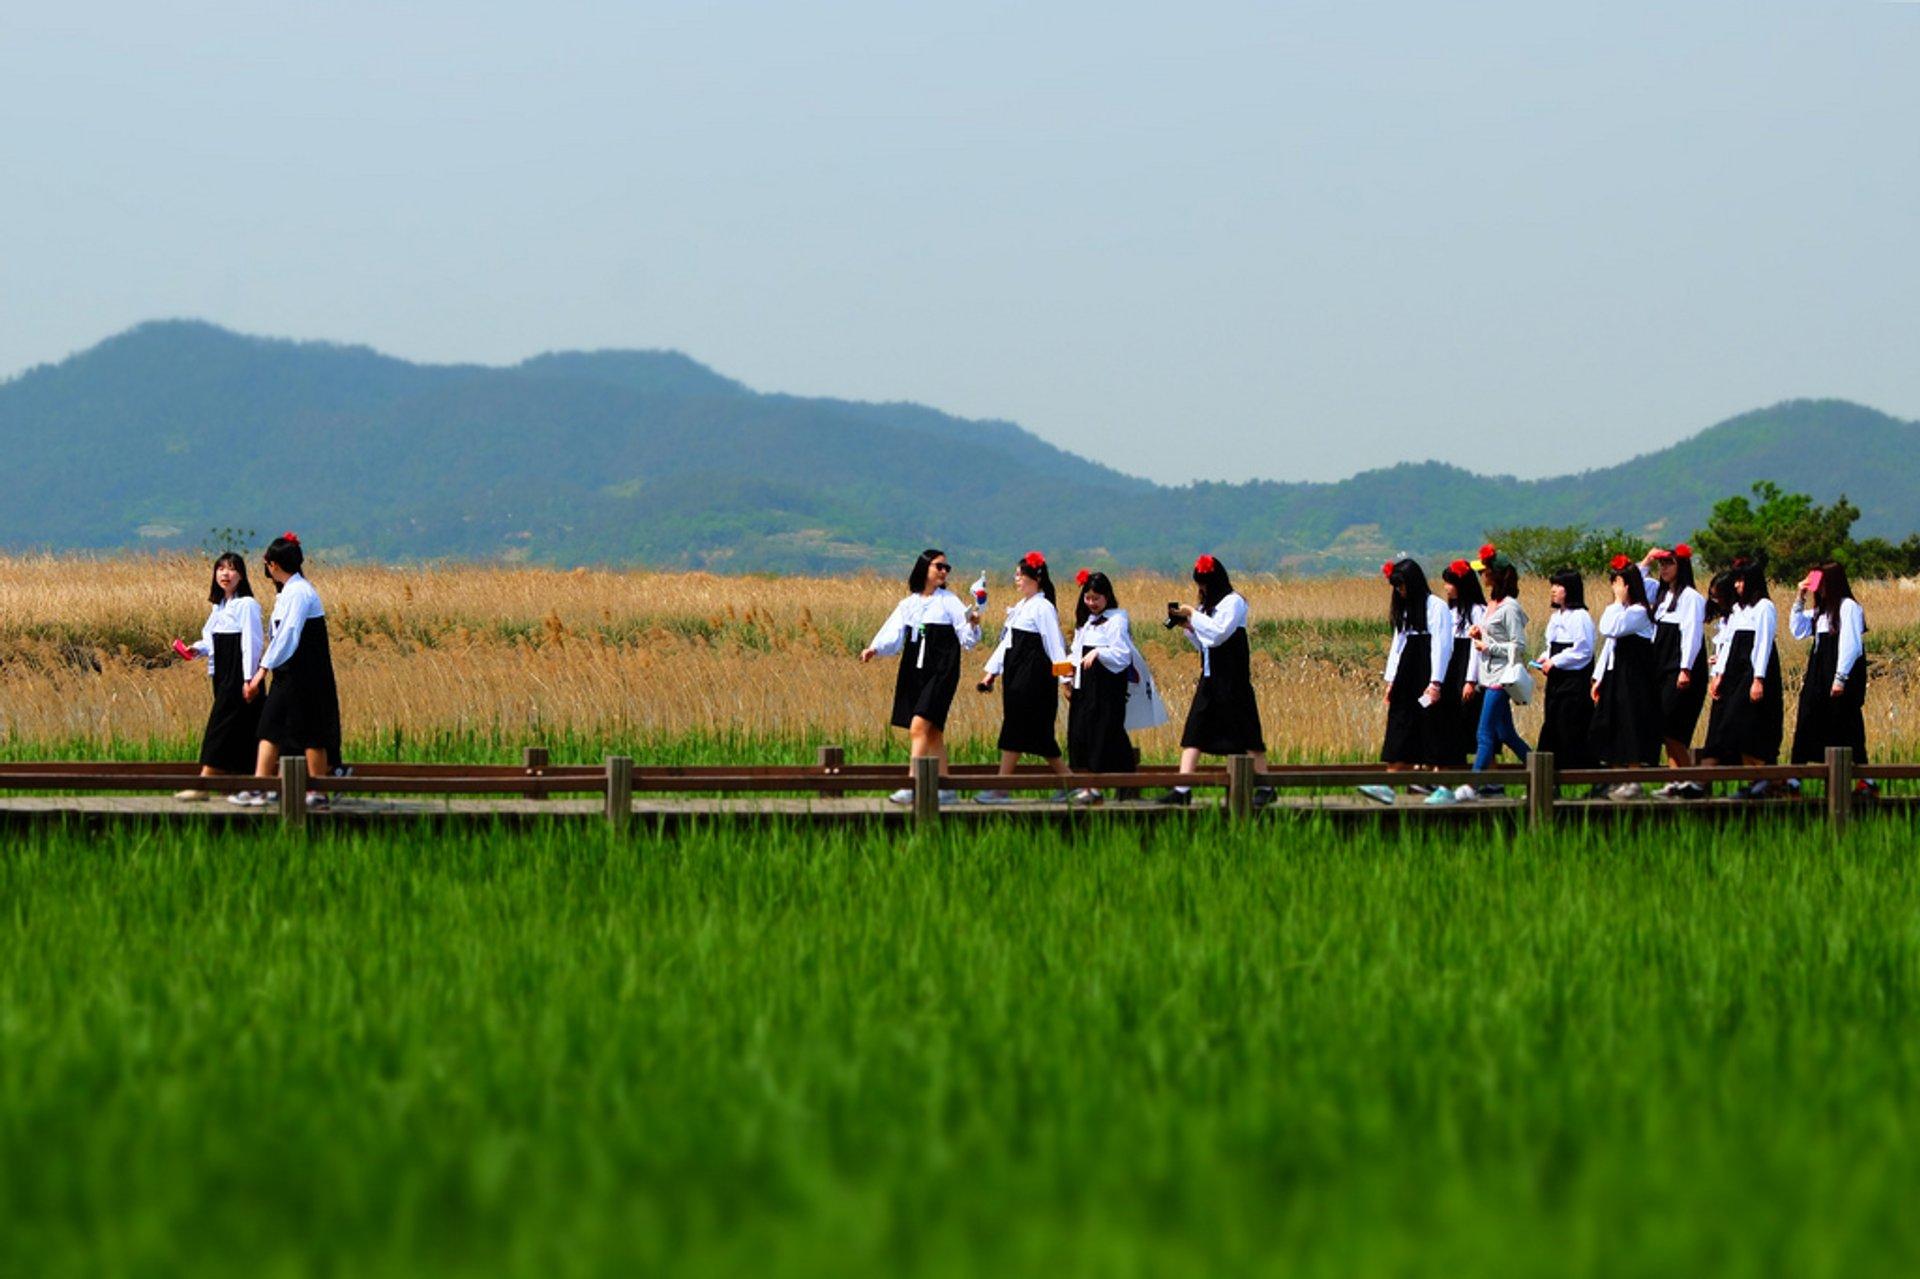 Schoolgirls parade over reeds in Suncheon Bay, South Korea 2020